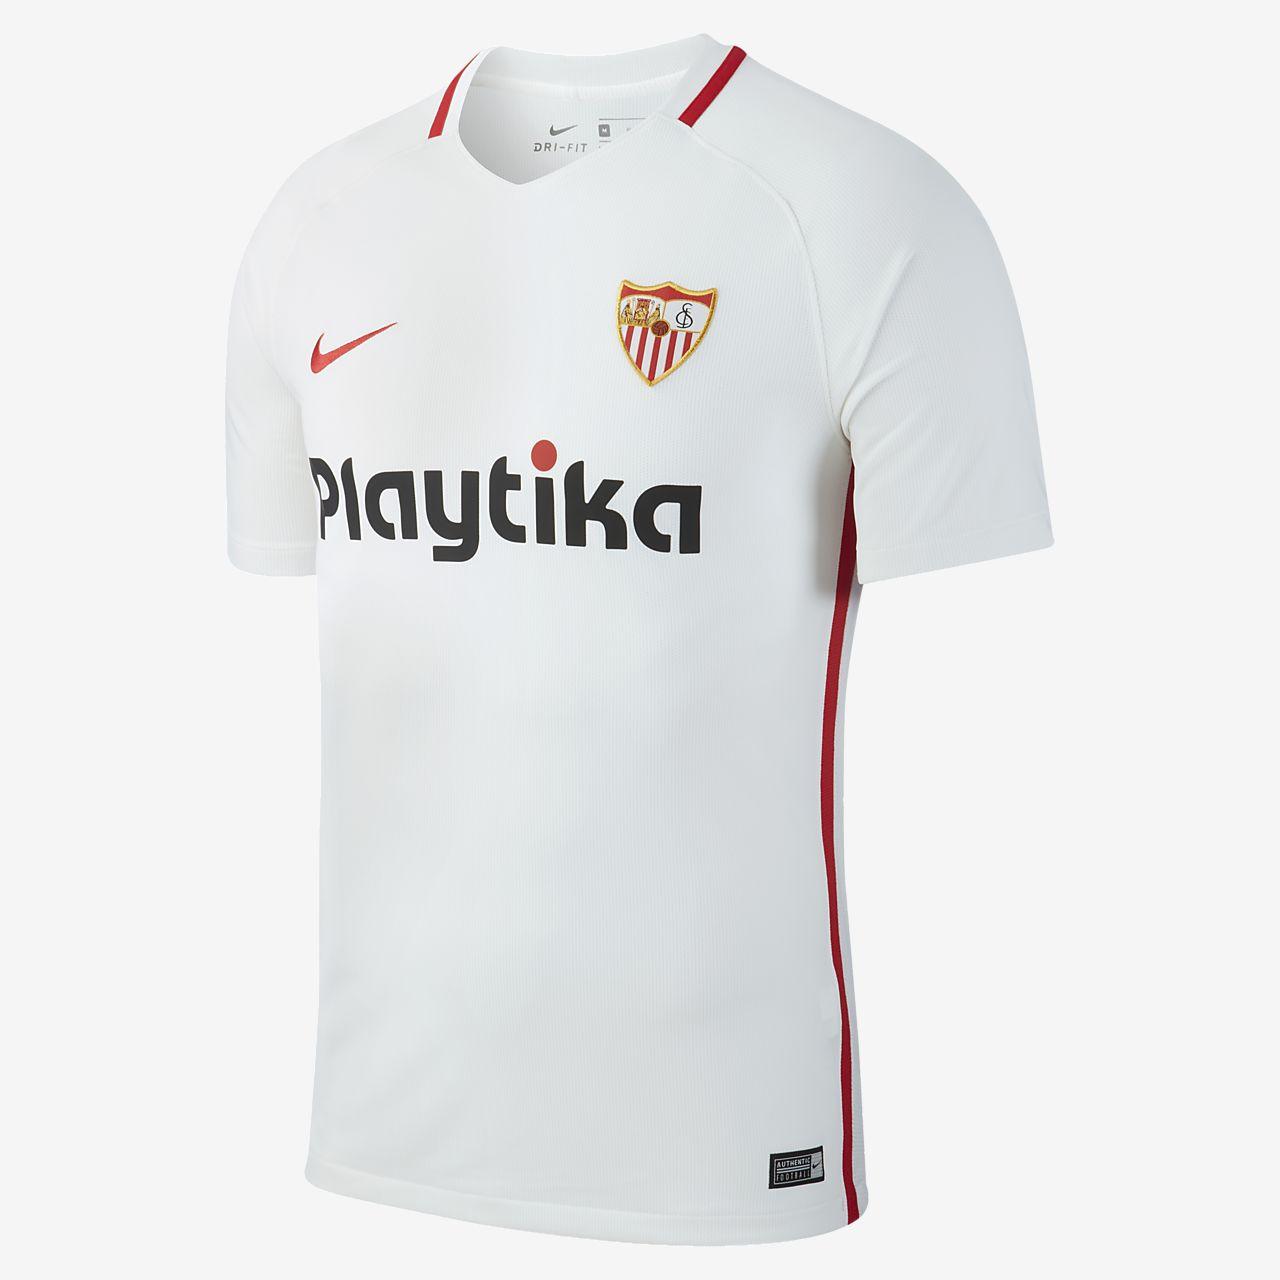 44f541a193f 2018 19 Sevilla FC Stadium Camiseta de fútbol - Hombre. Nike.com ES